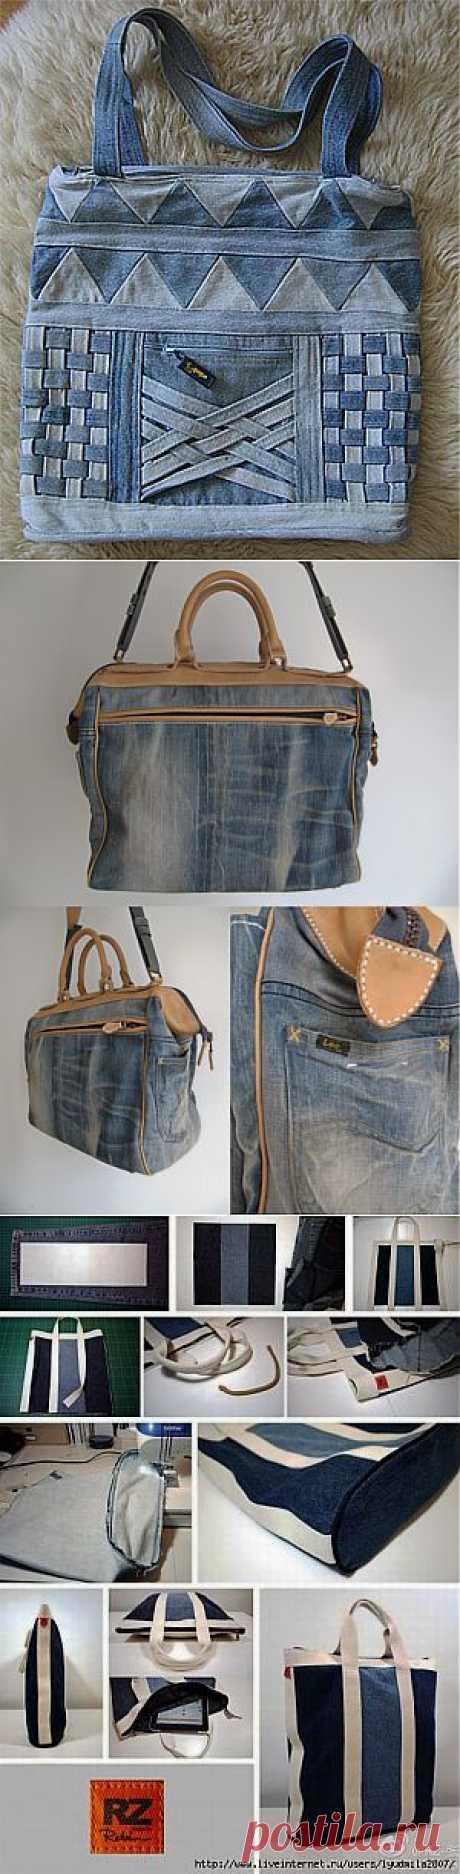 Подборка сумок из джинсов.